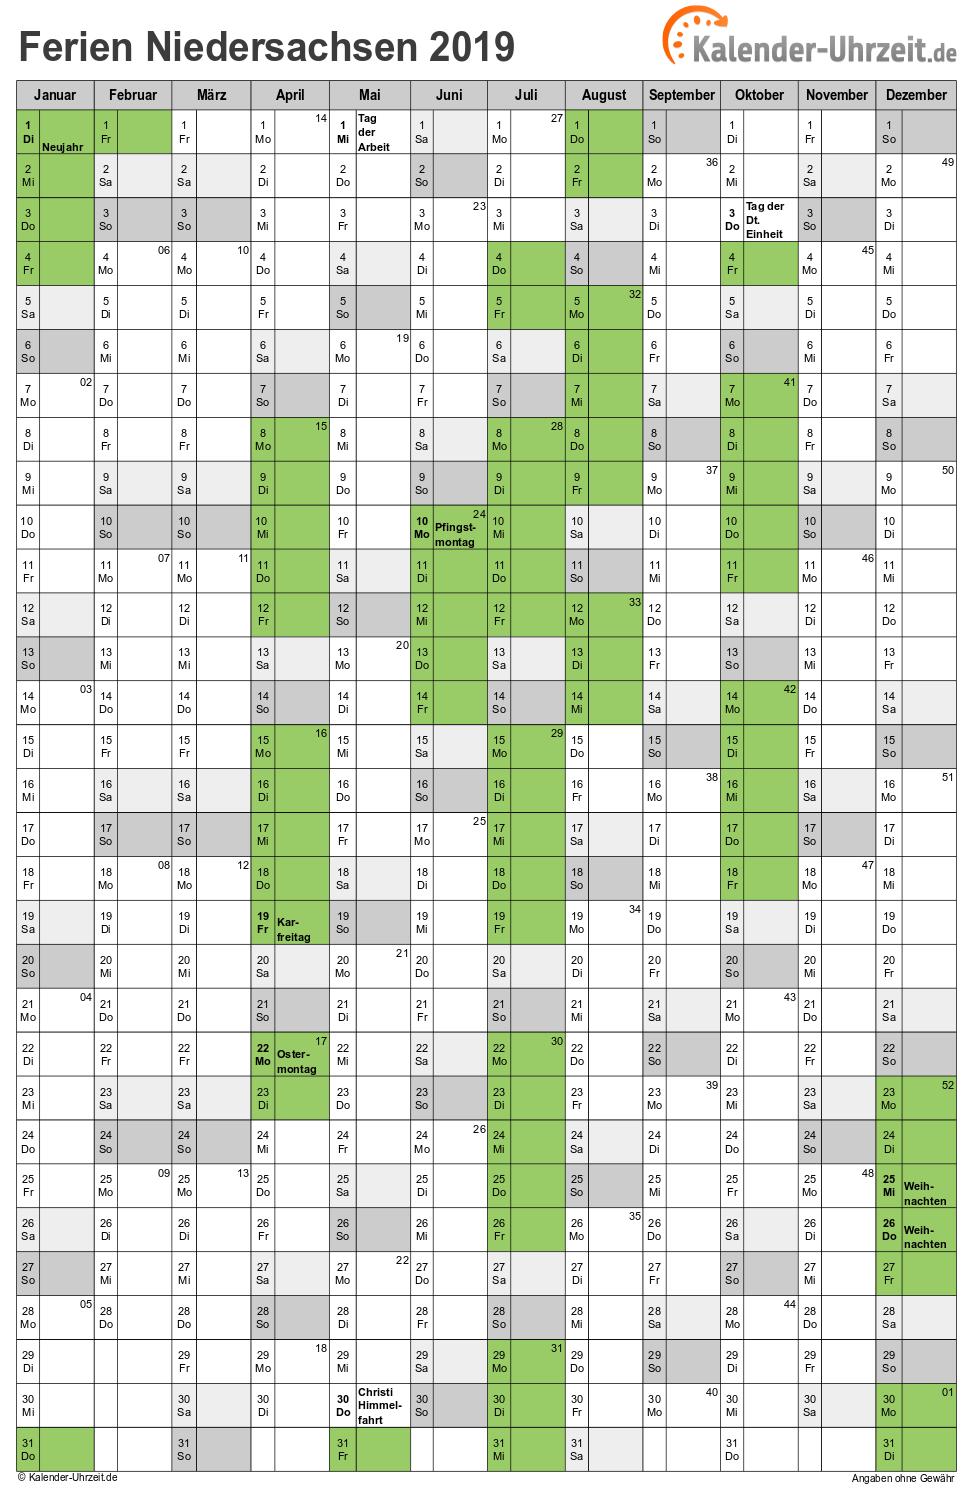 Ferienkalender niedersachsen